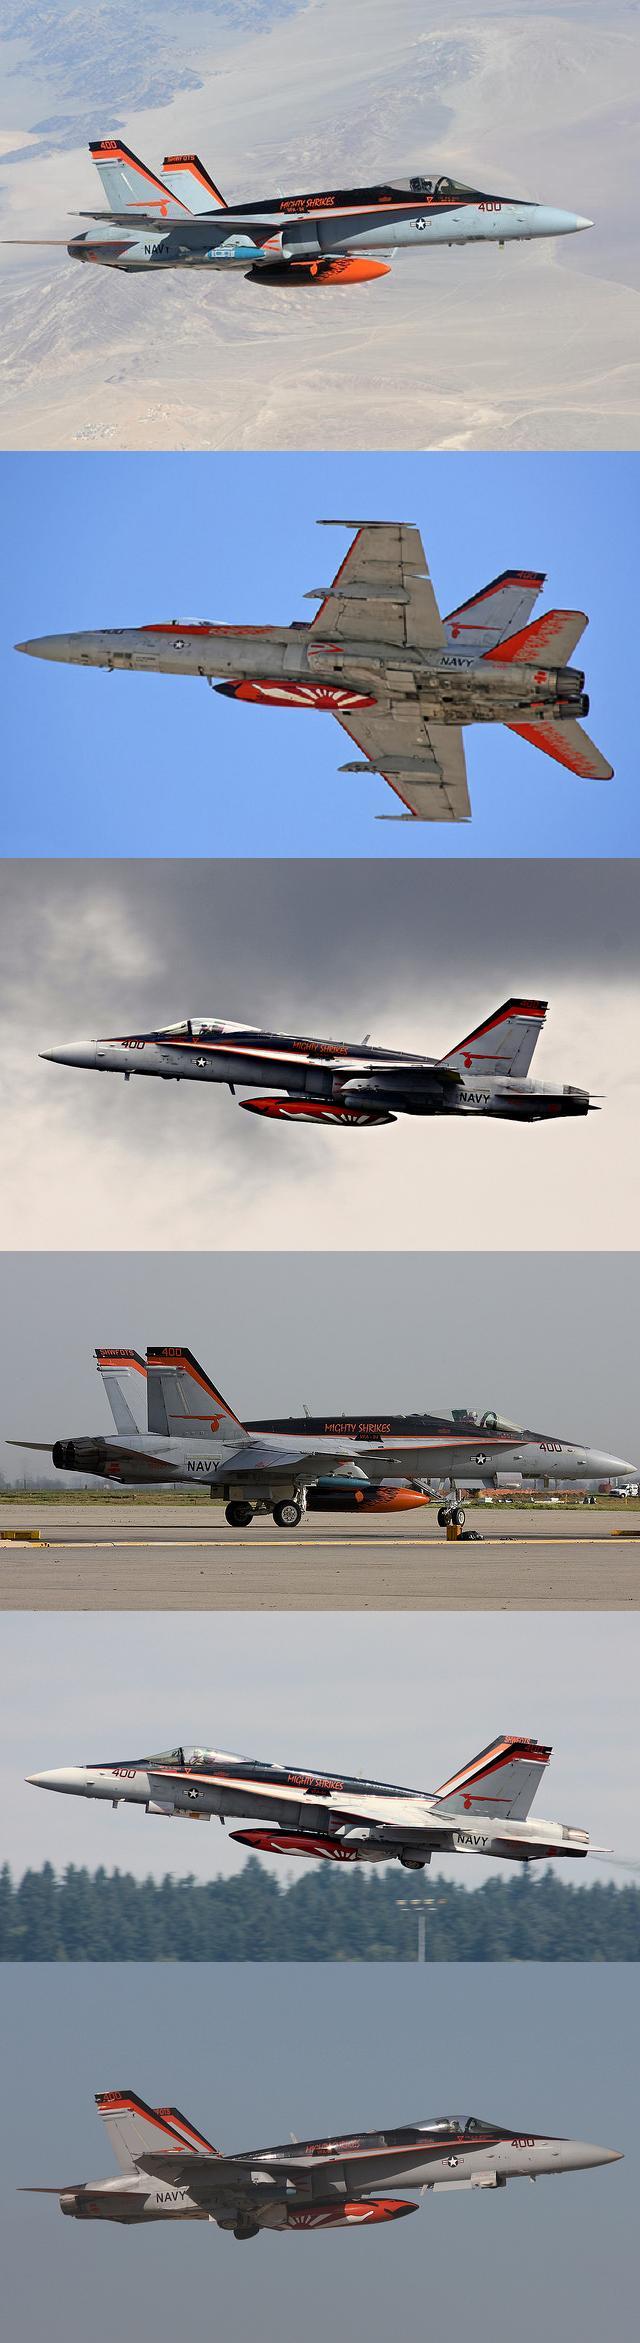 vfa 94 flight pinterest planes rh pinterest com